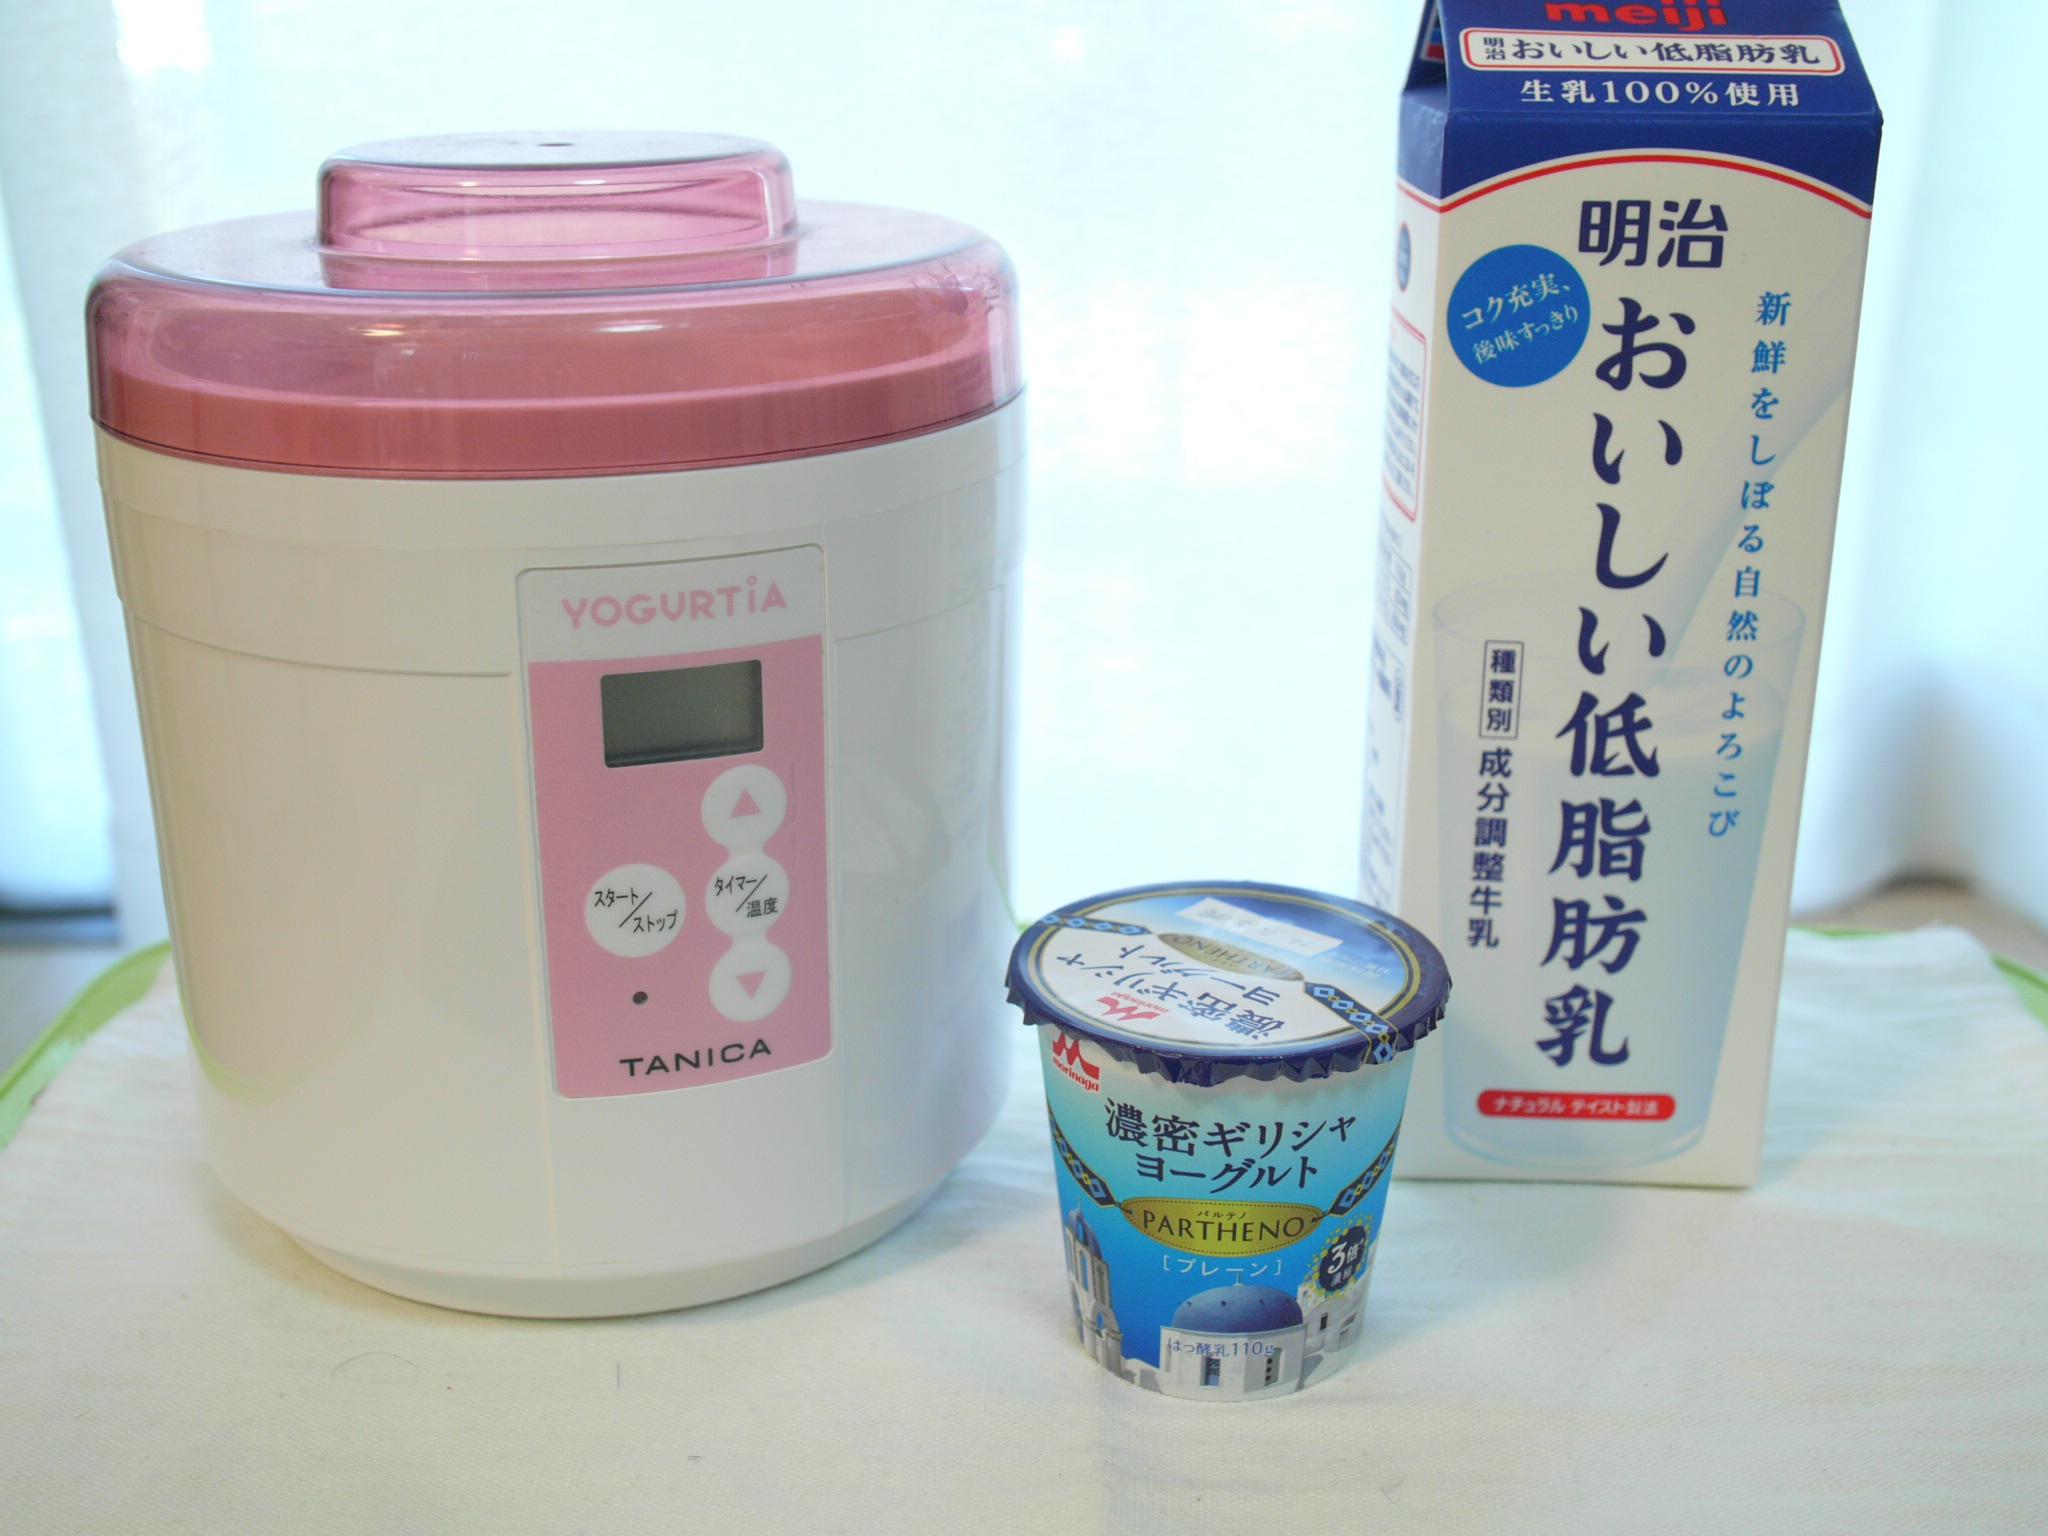 パルテノと低脂肪牛乳